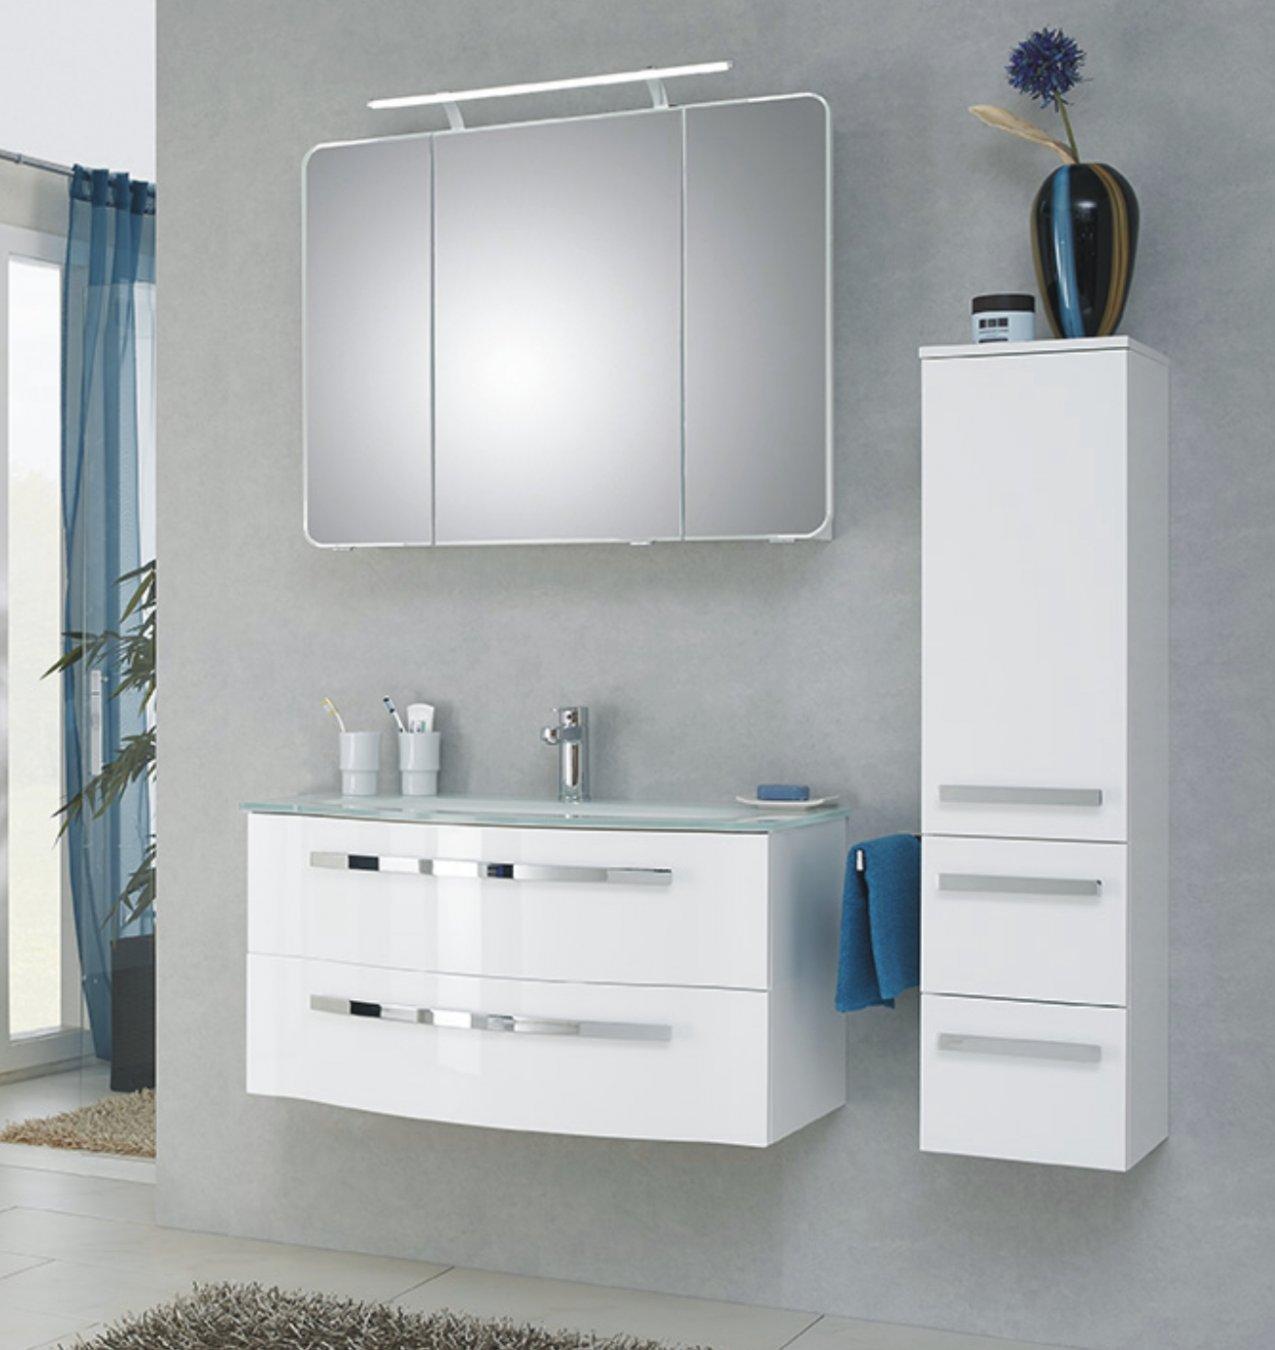 pelipal fokus 4005 badm bel set g nstig arcom center. Black Bedroom Furniture Sets. Home Design Ideas